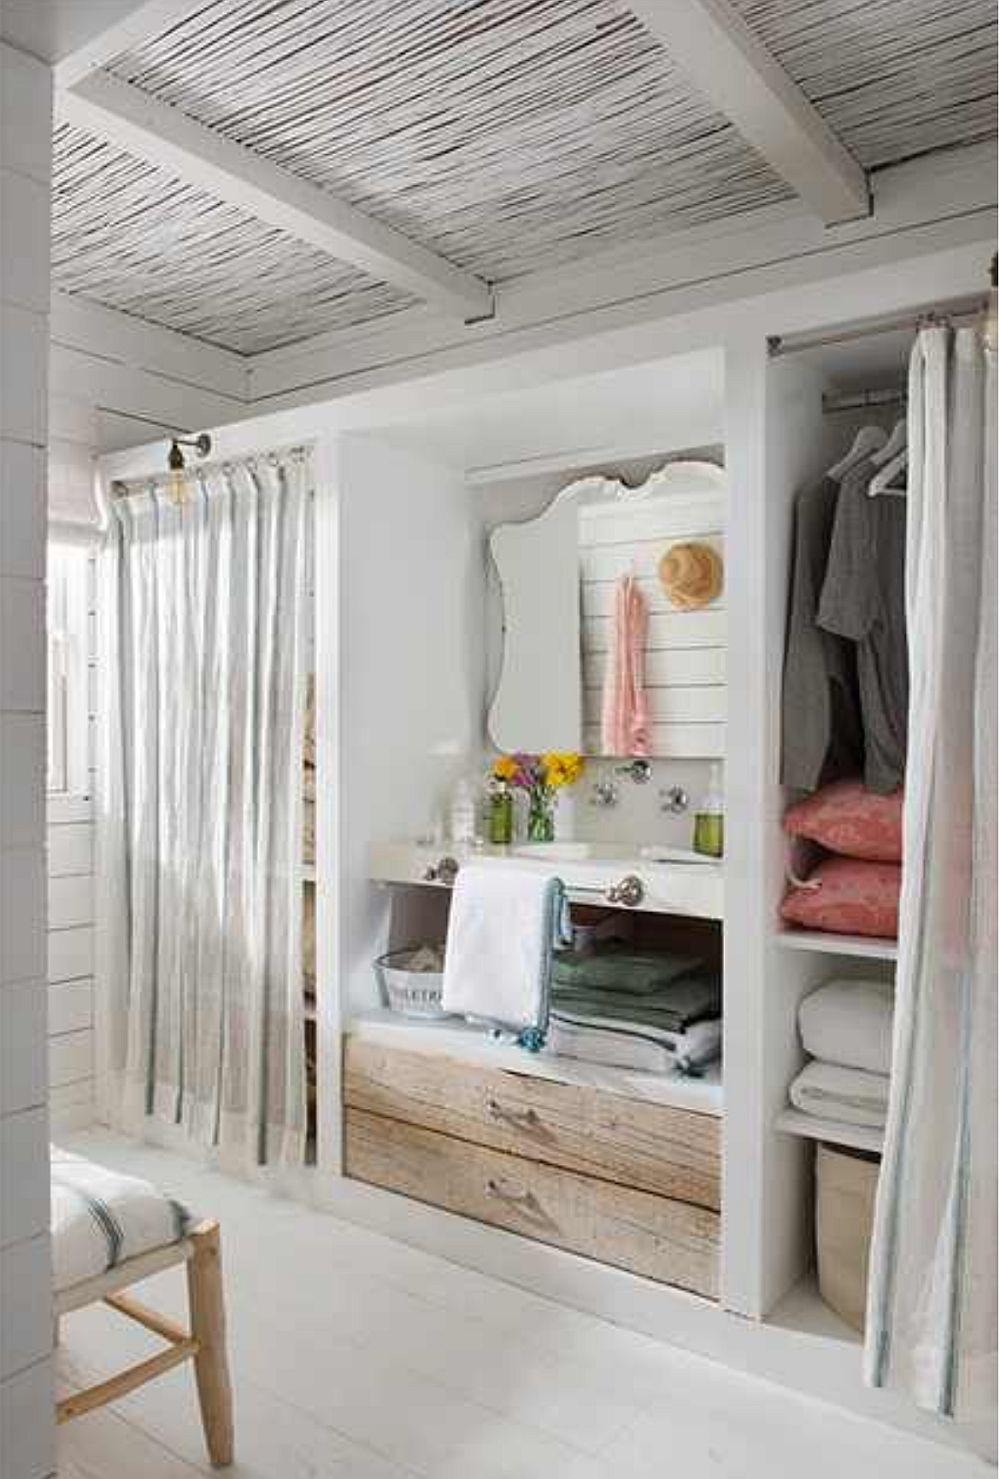 Între dulapurile fetelor a fost montat un lavoar, având în vedere că există o singură baie în casă, iar dimineața se aglomerează. Așa că pentru splatul pe față, pe dinți ori pentru demachiere, lavoarul din dressing este binevenit.